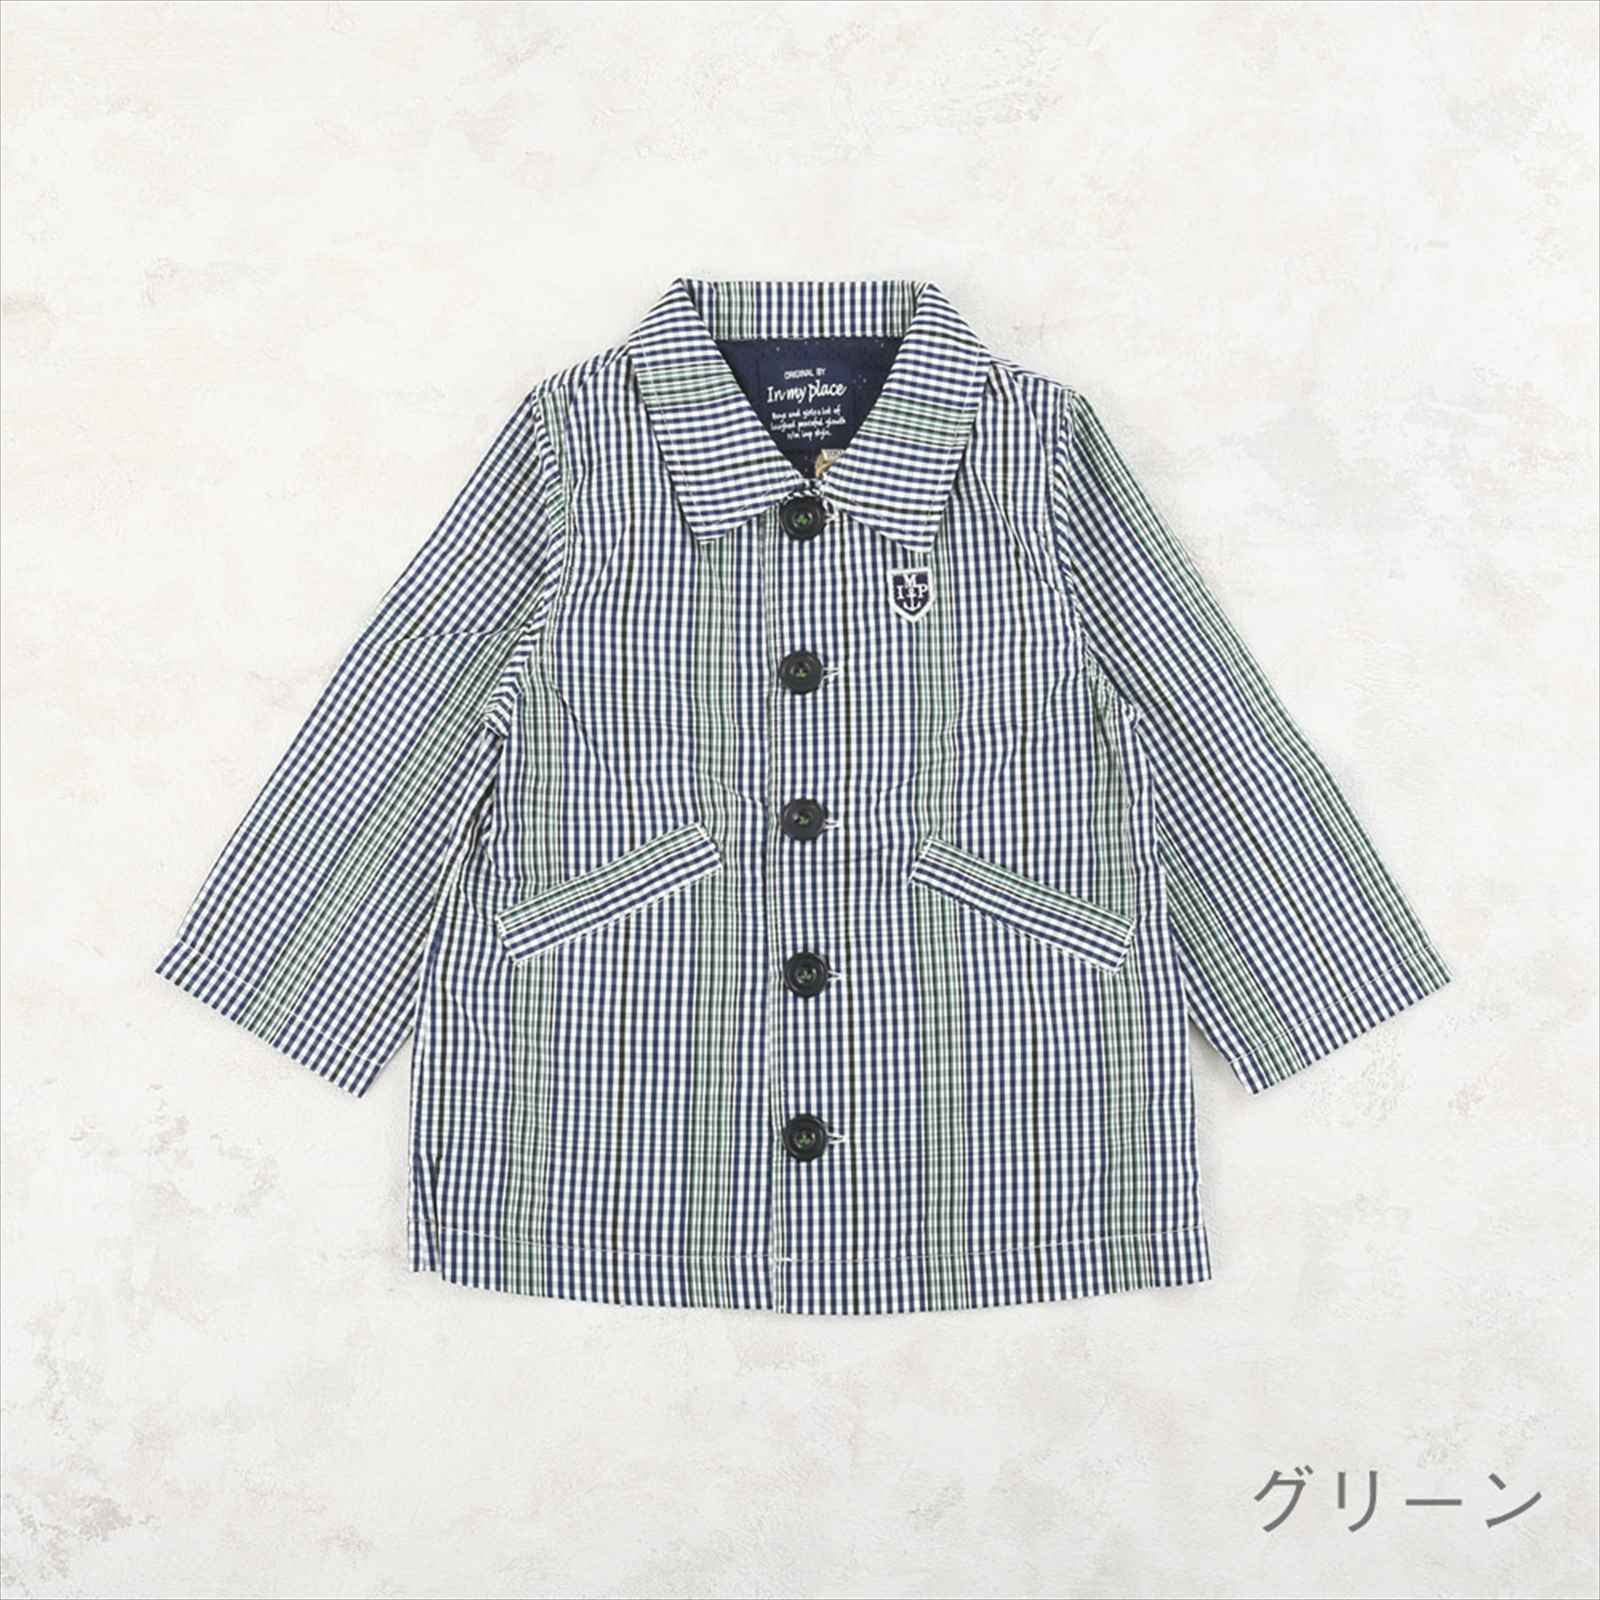 【セール】ナイロン裏地メッシュコート